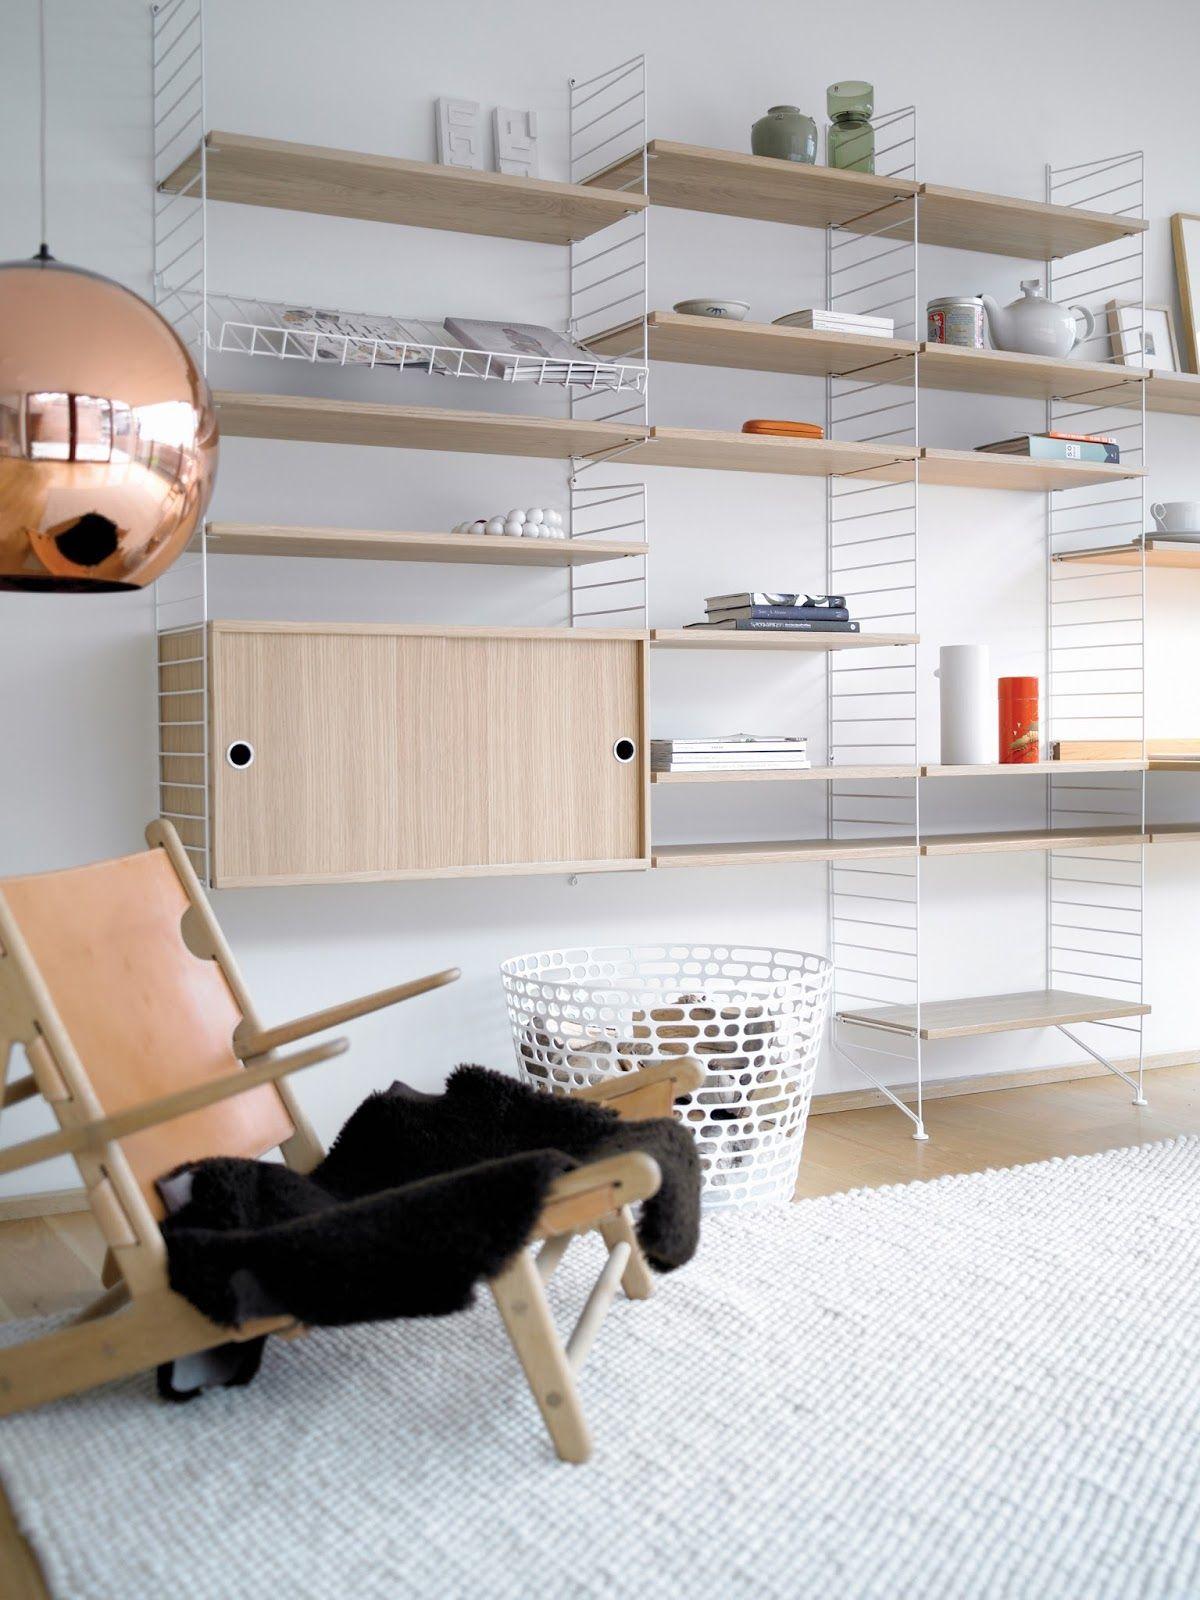 Pin auf Zuhause: Dekoration & schöne Dinge